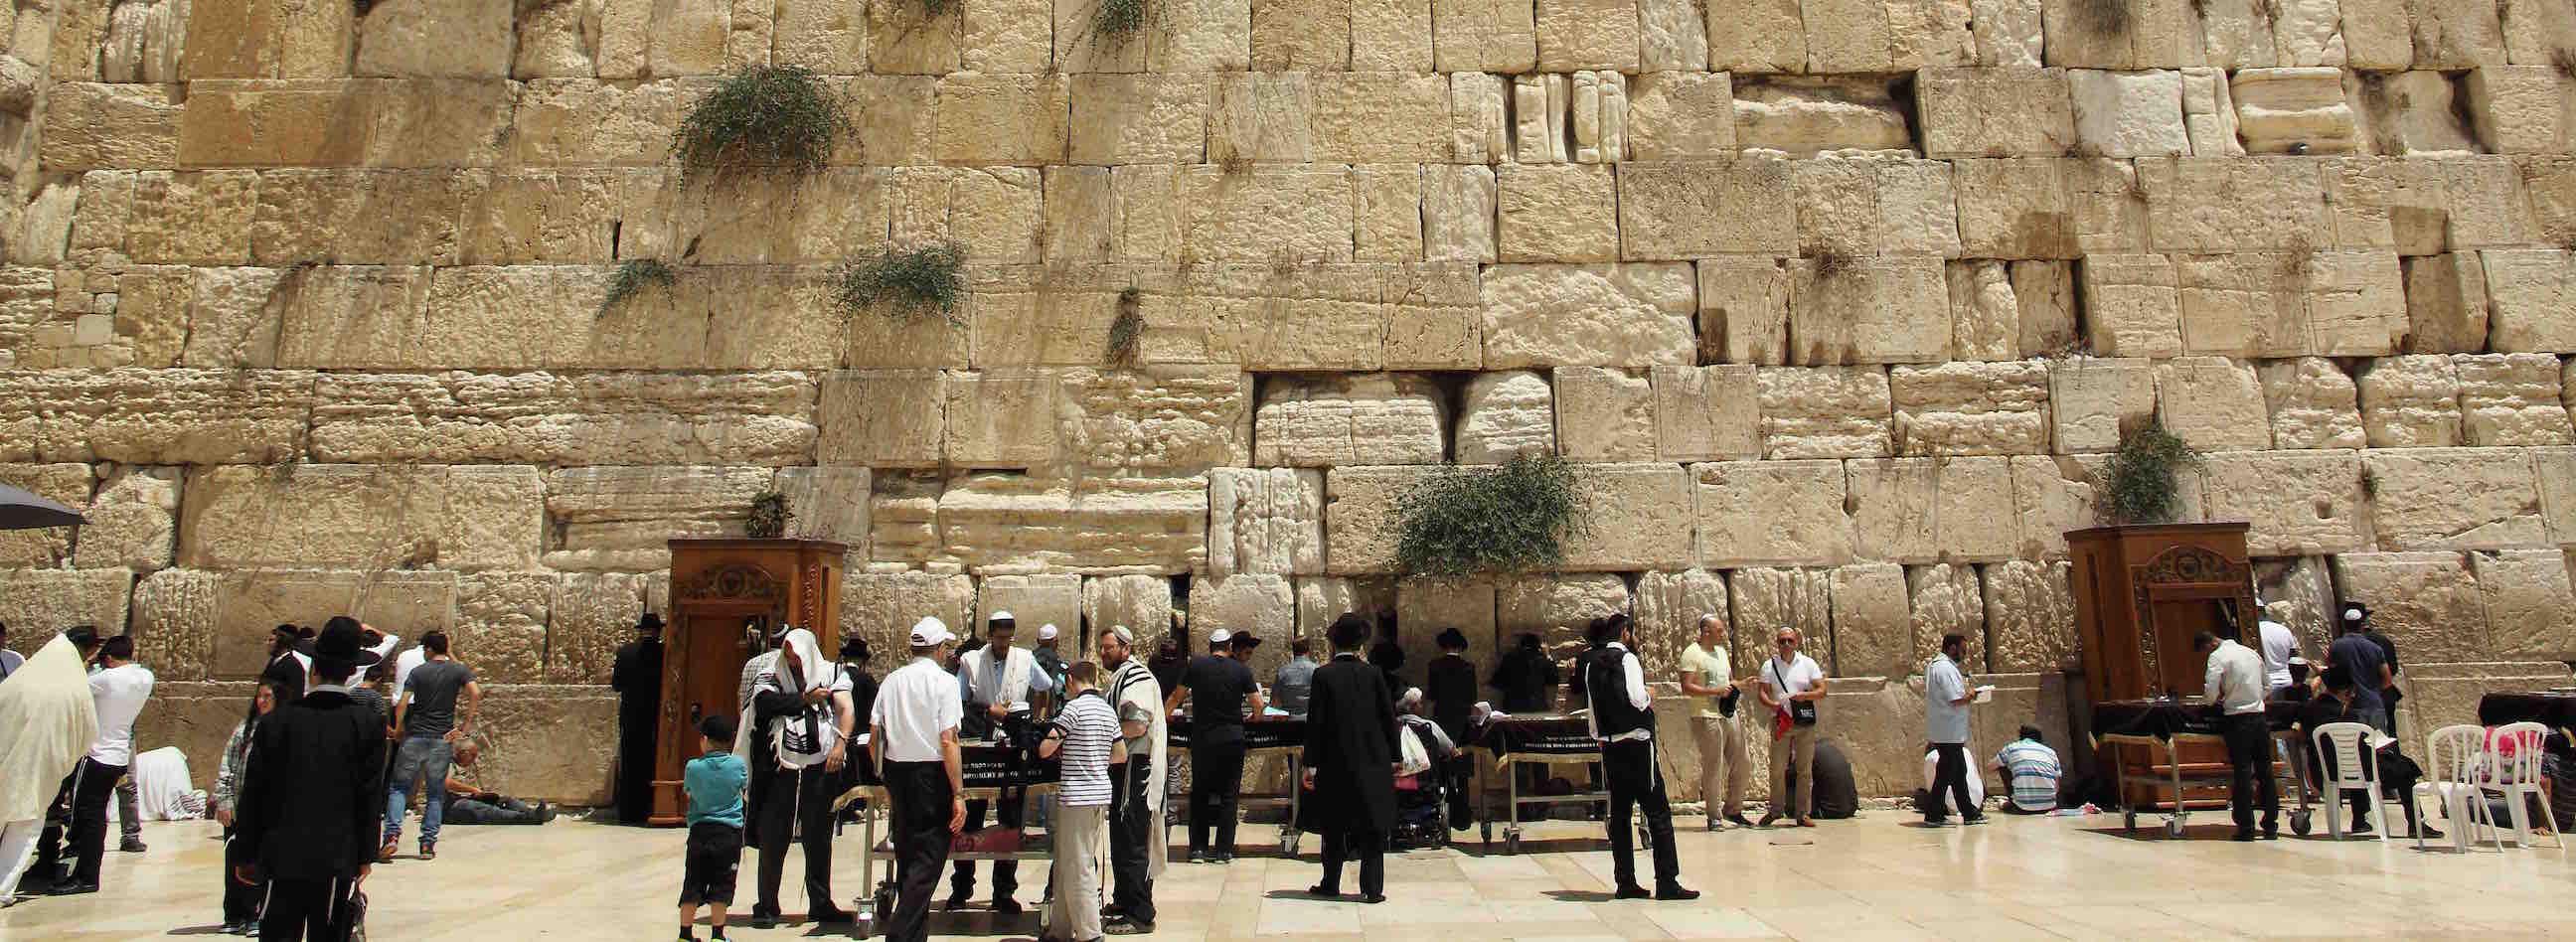 Western Wall, Israel